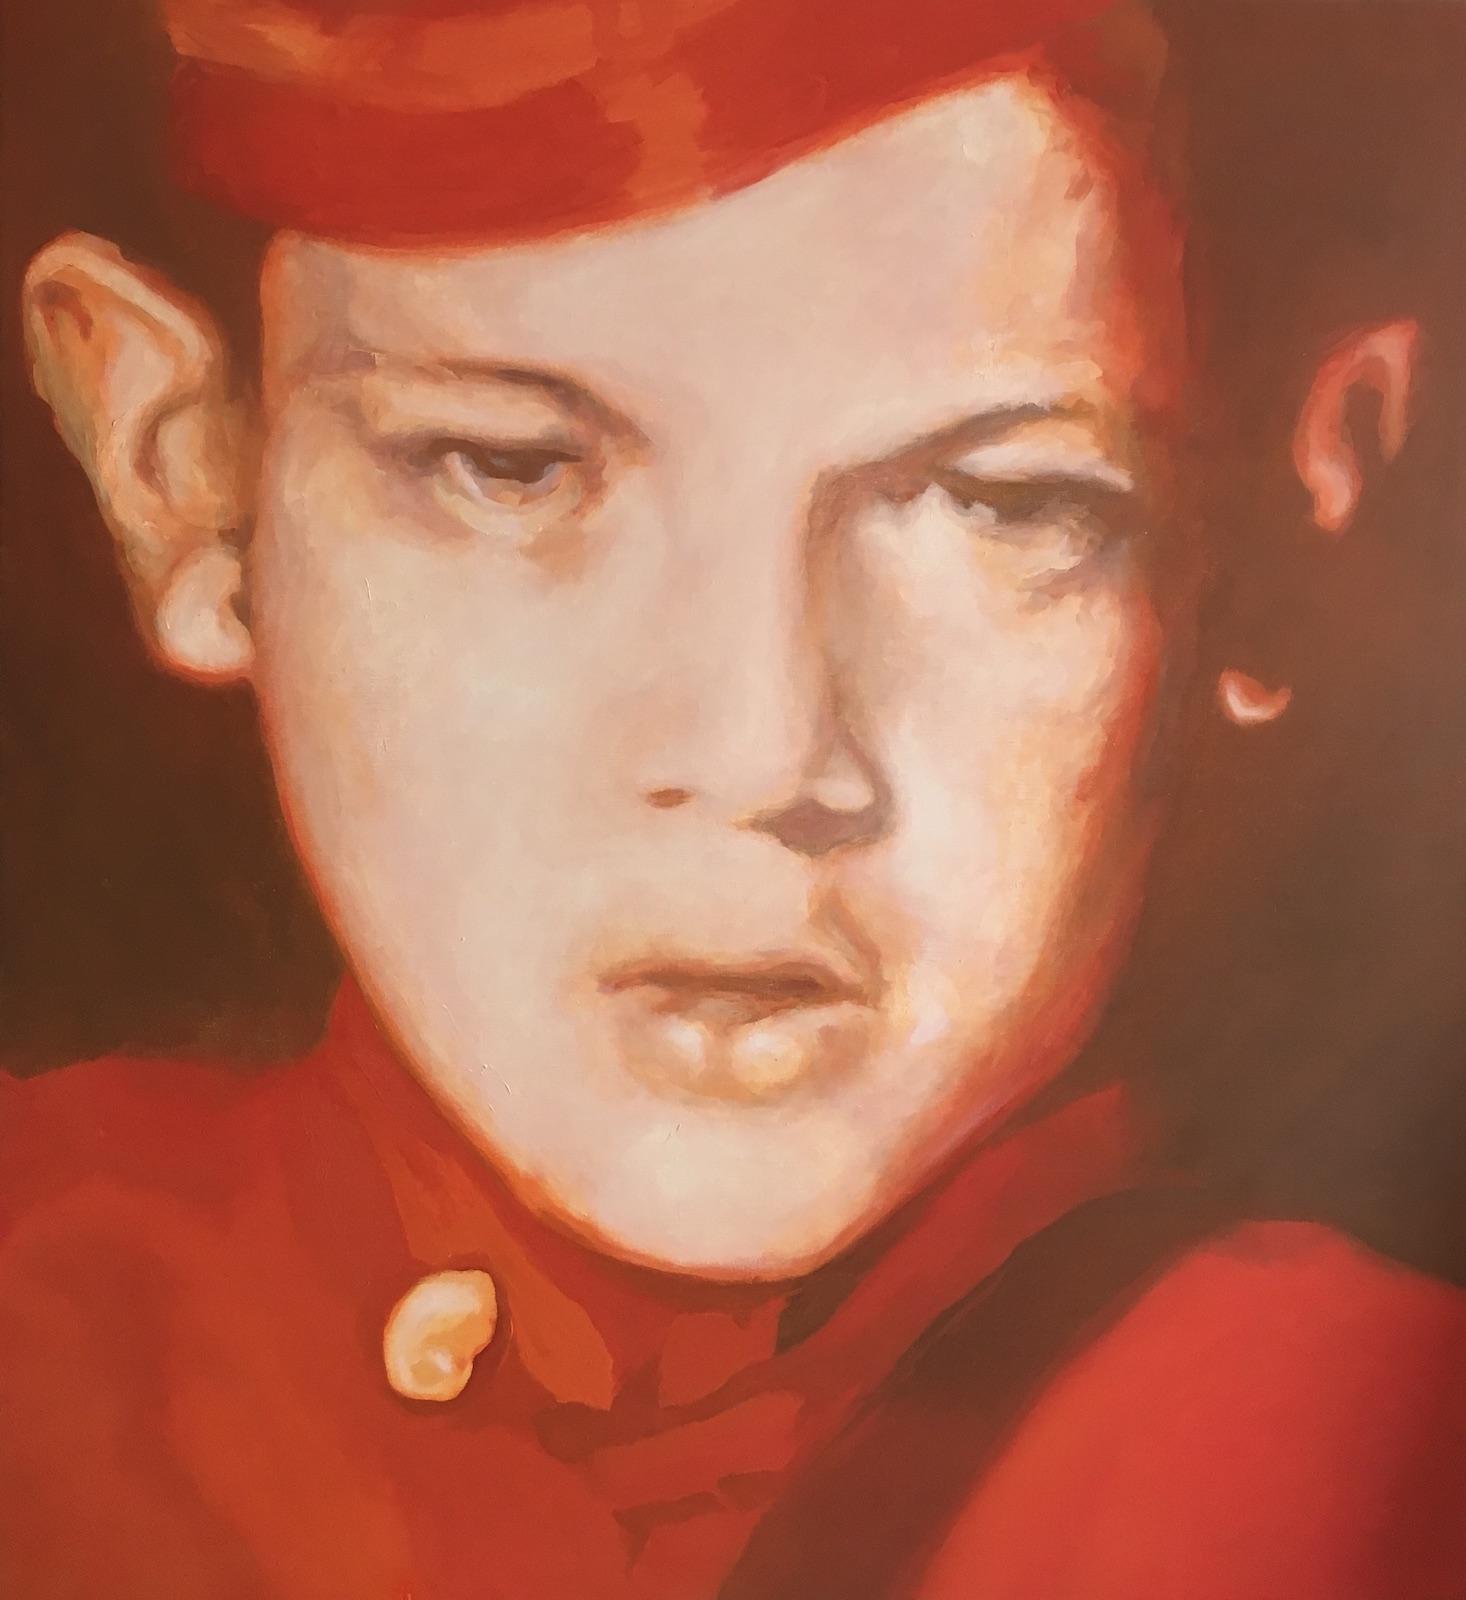 De rode jongen